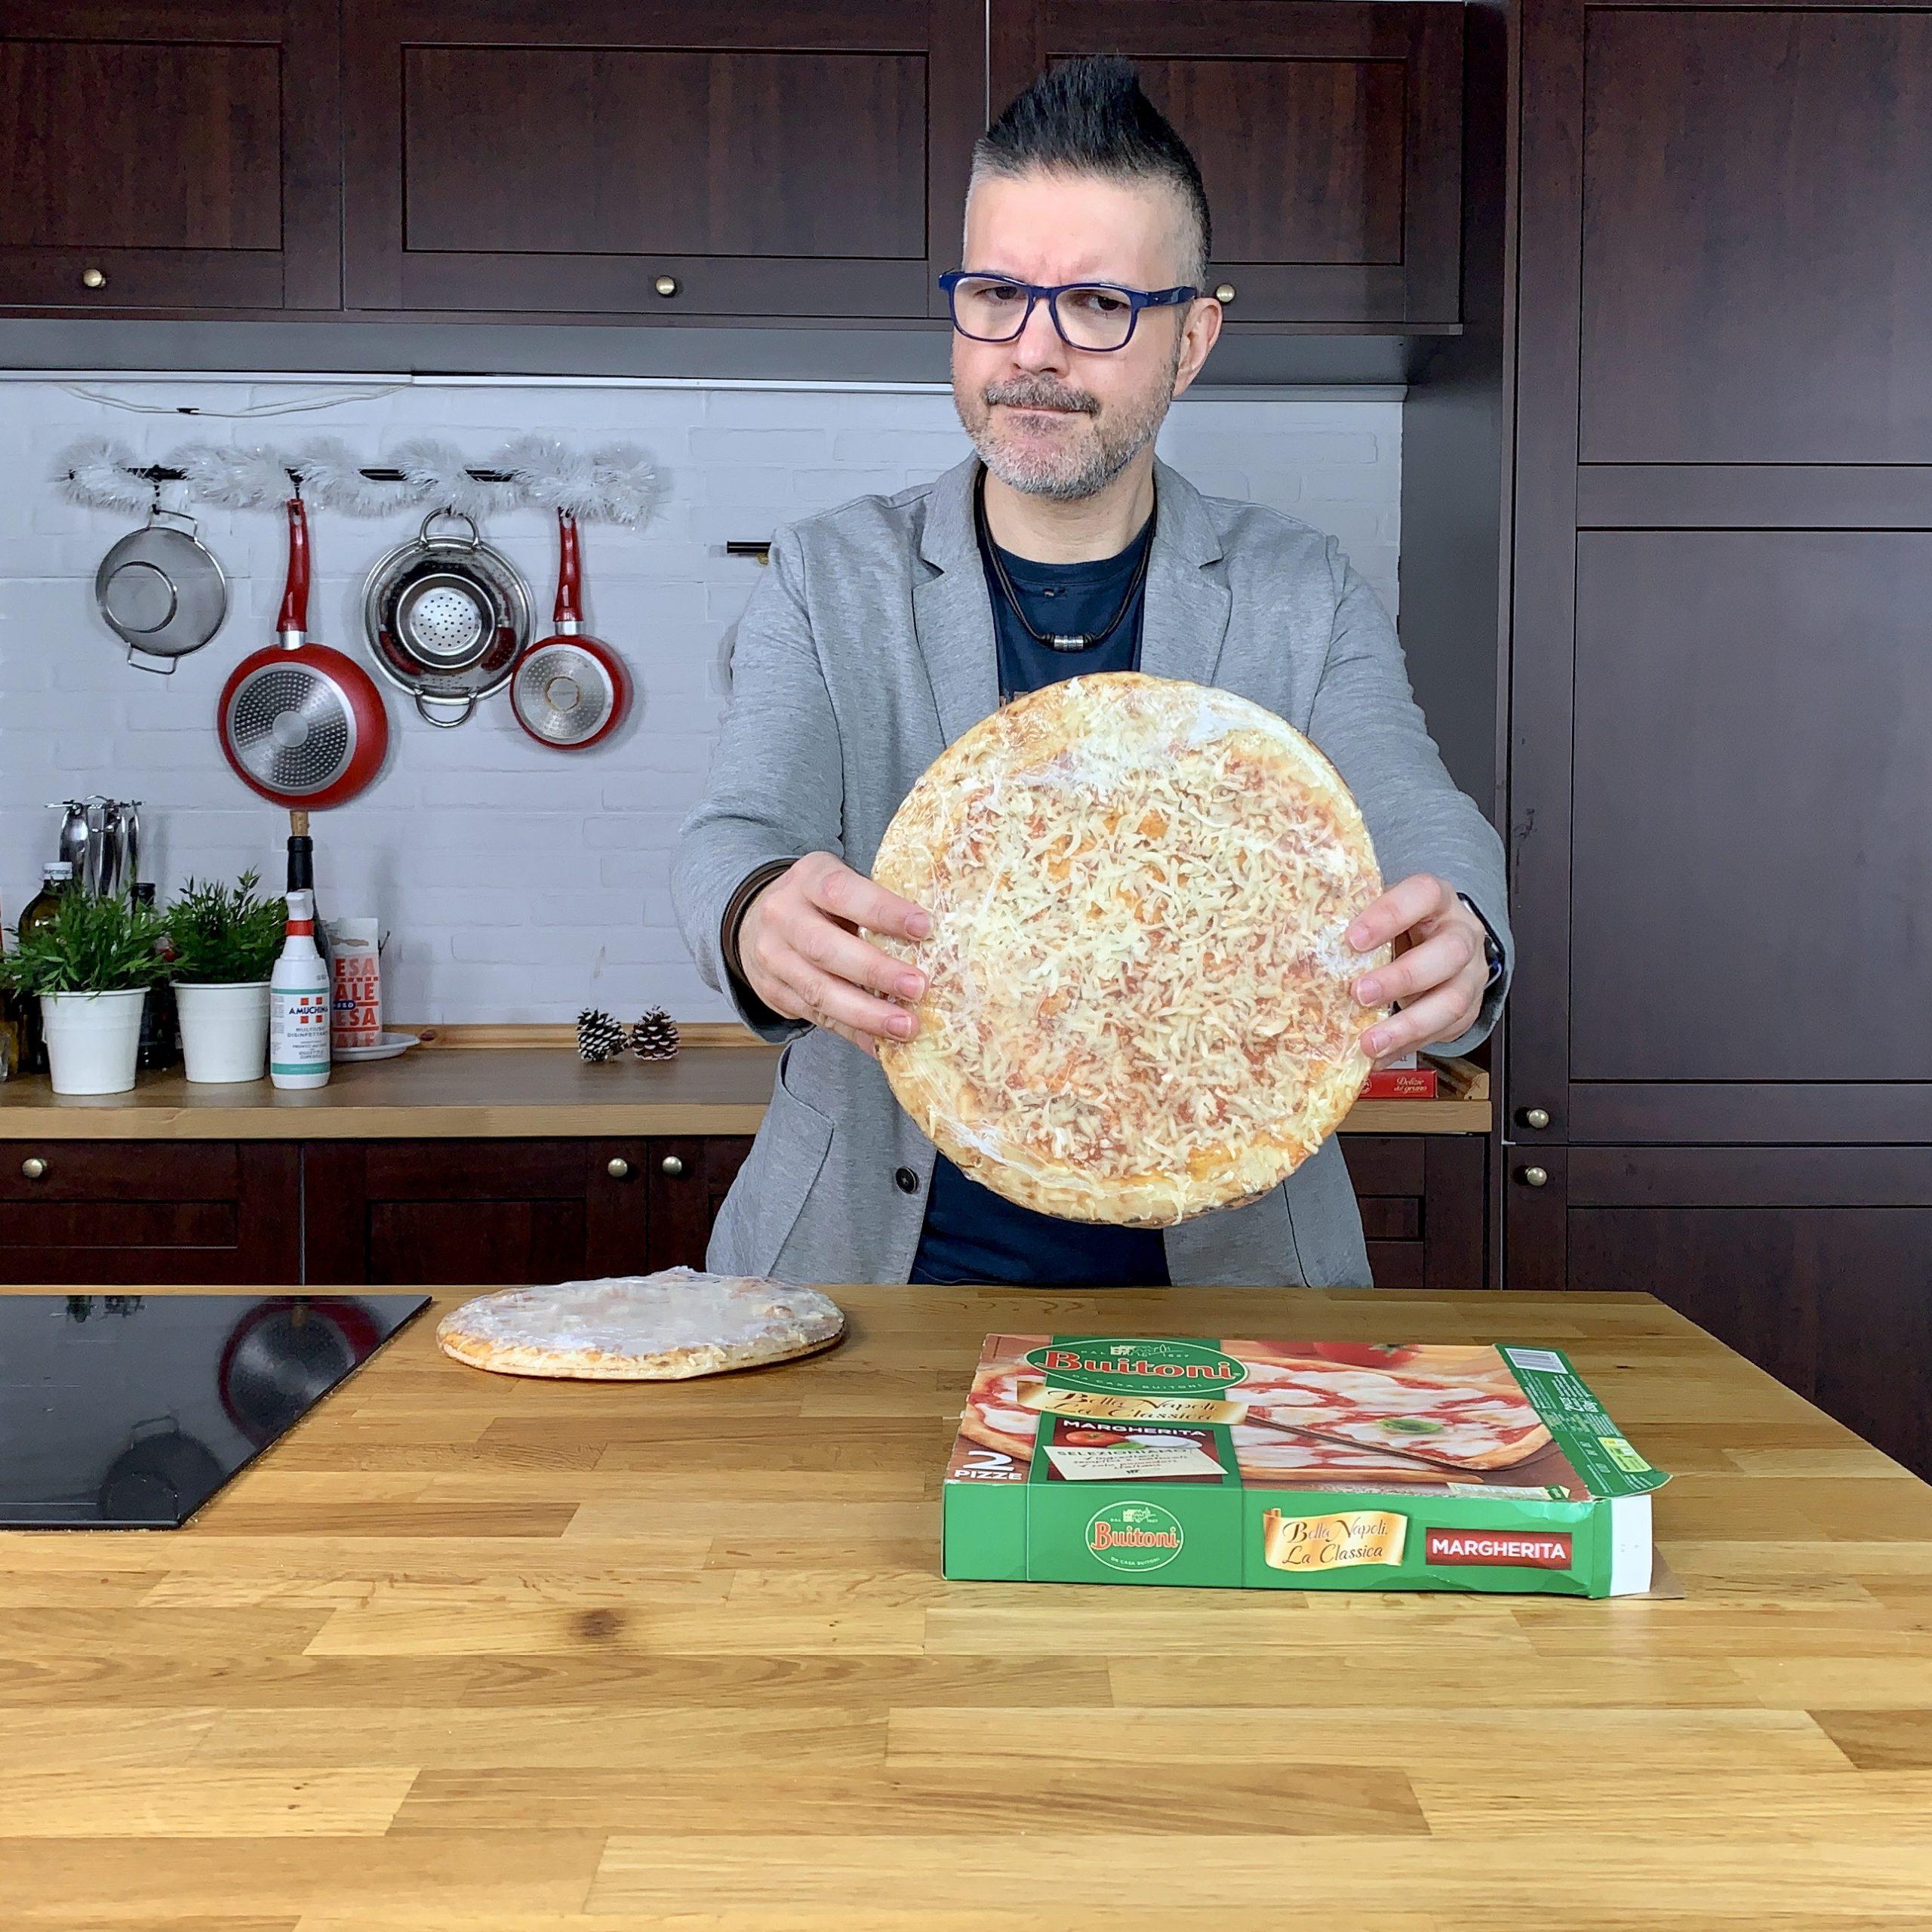 Antonio Fucito e la pizza surgelata